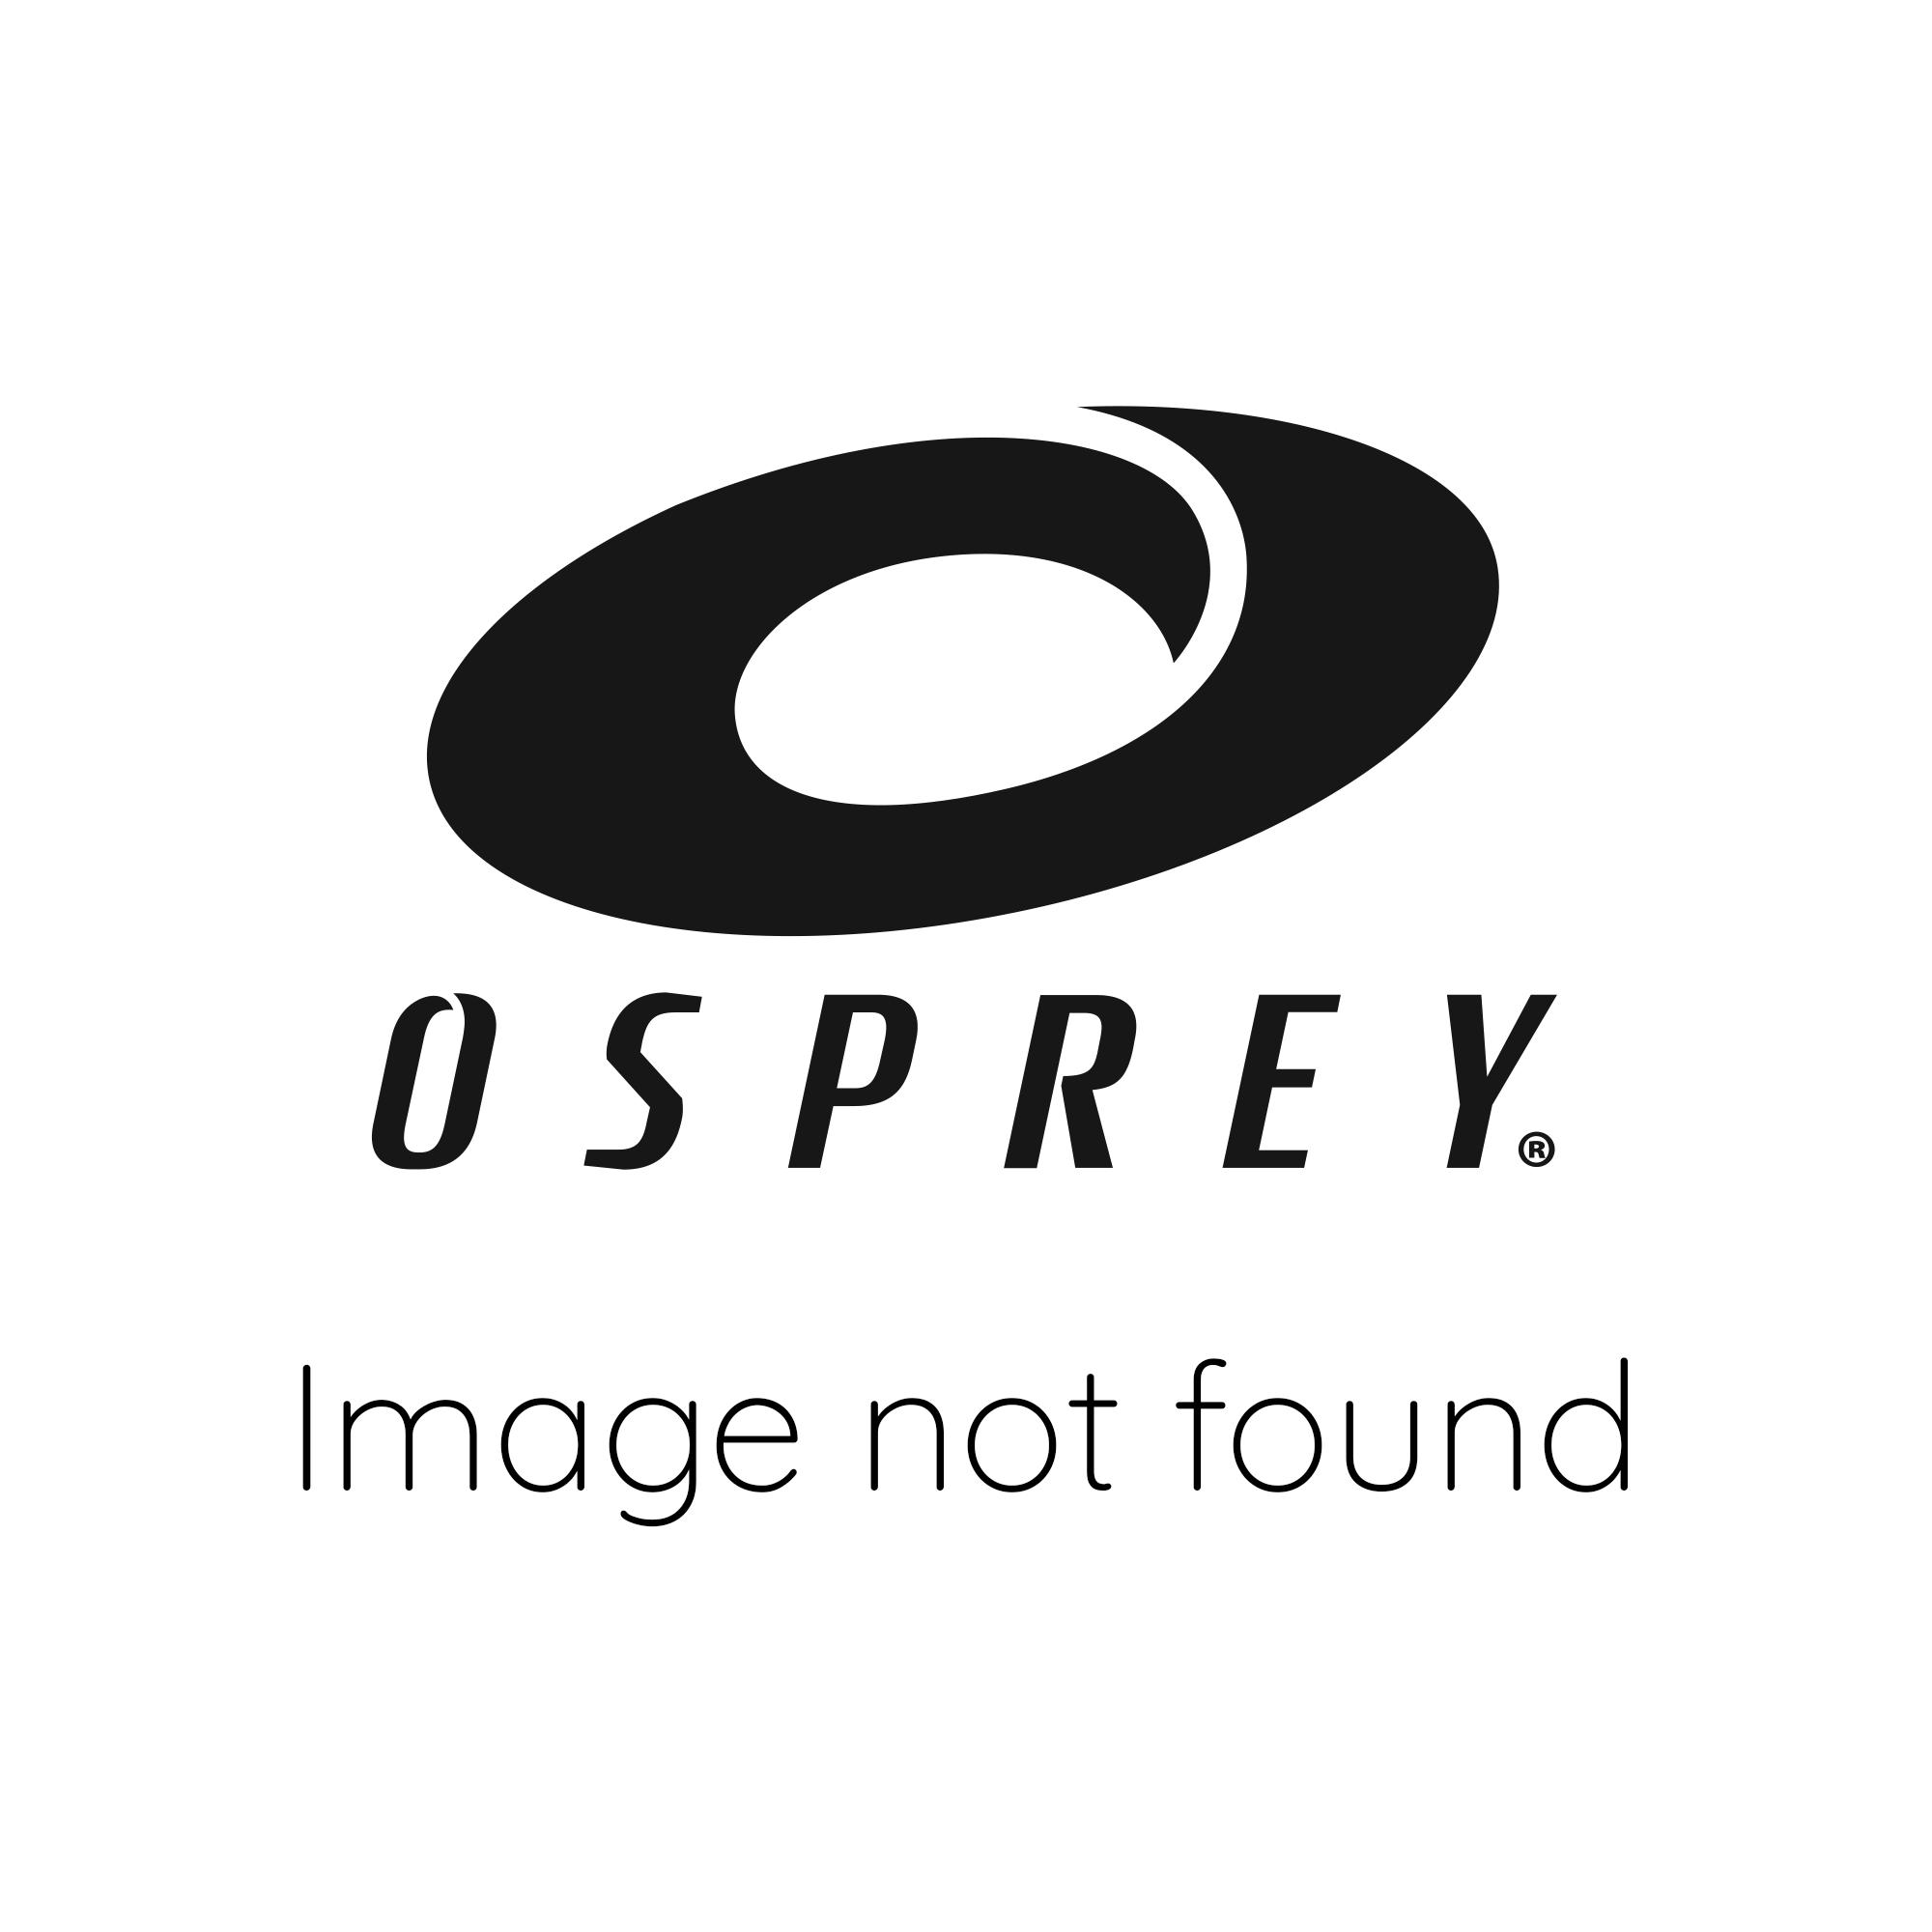 Osprey Womens 5mm Origin Full Length Wetsuit - Black